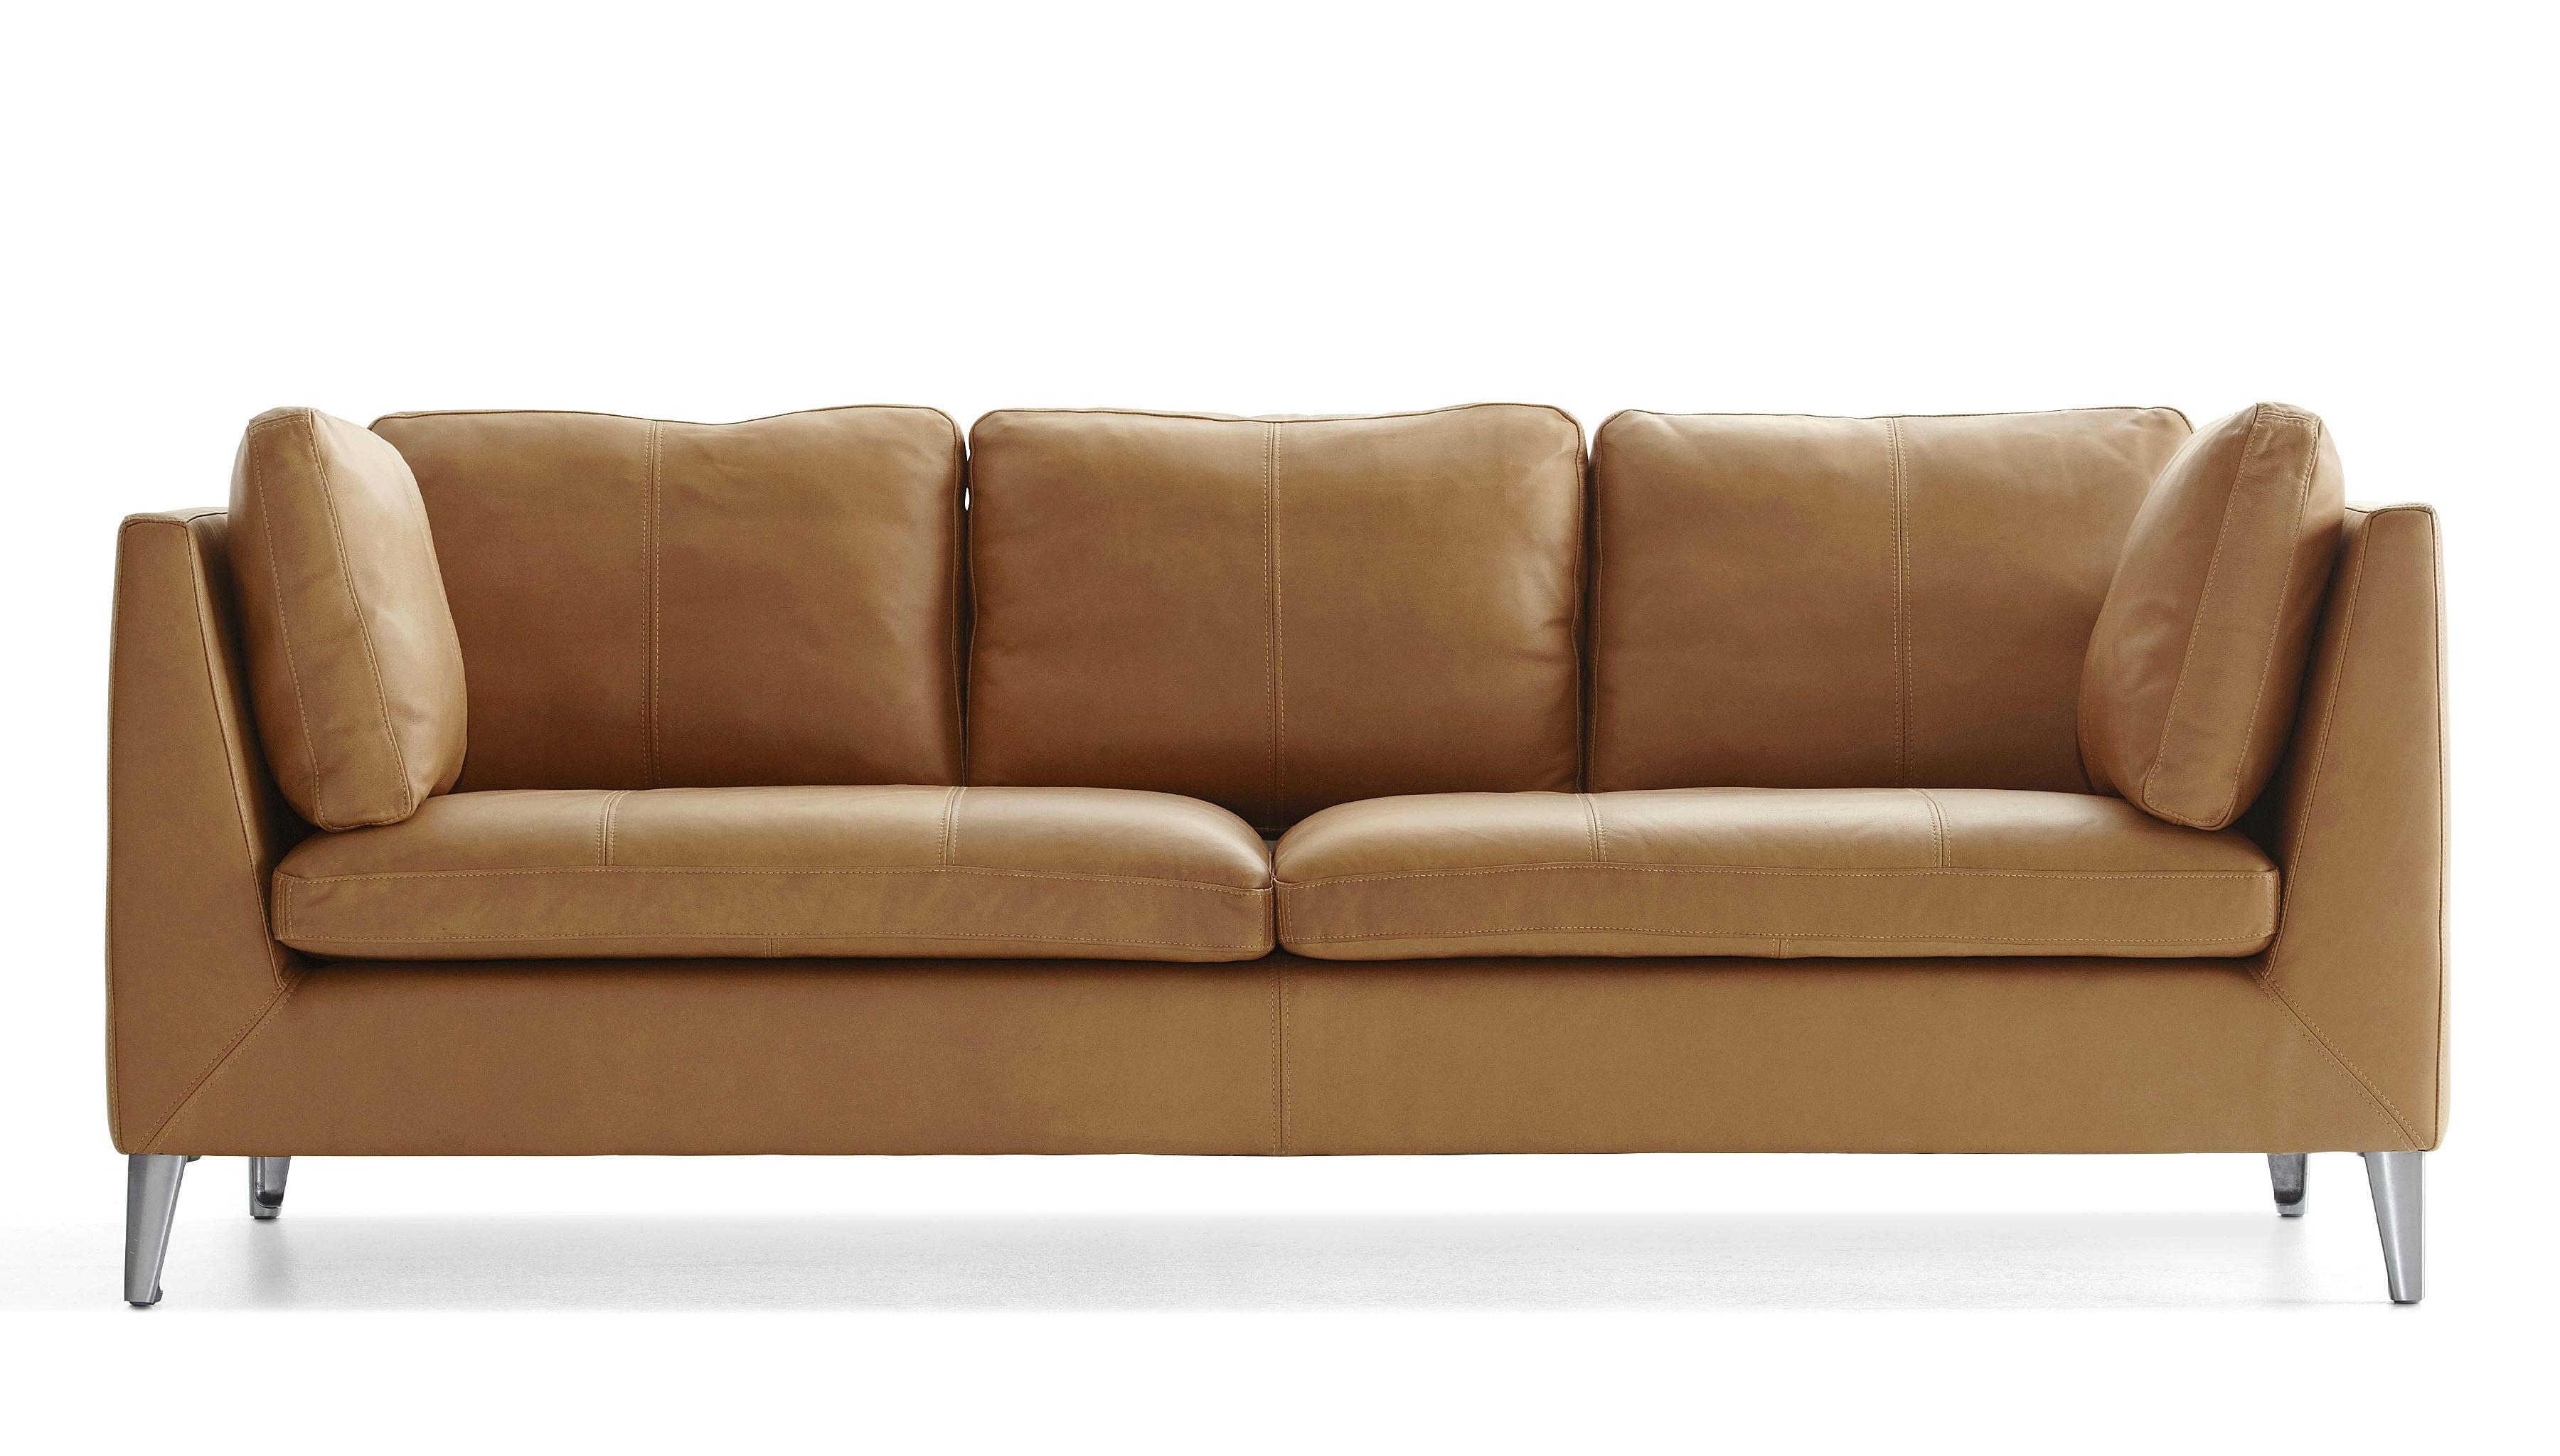 Ofertas En sofas Gdd0 sofà S Y Sillones Pra Online Ikea